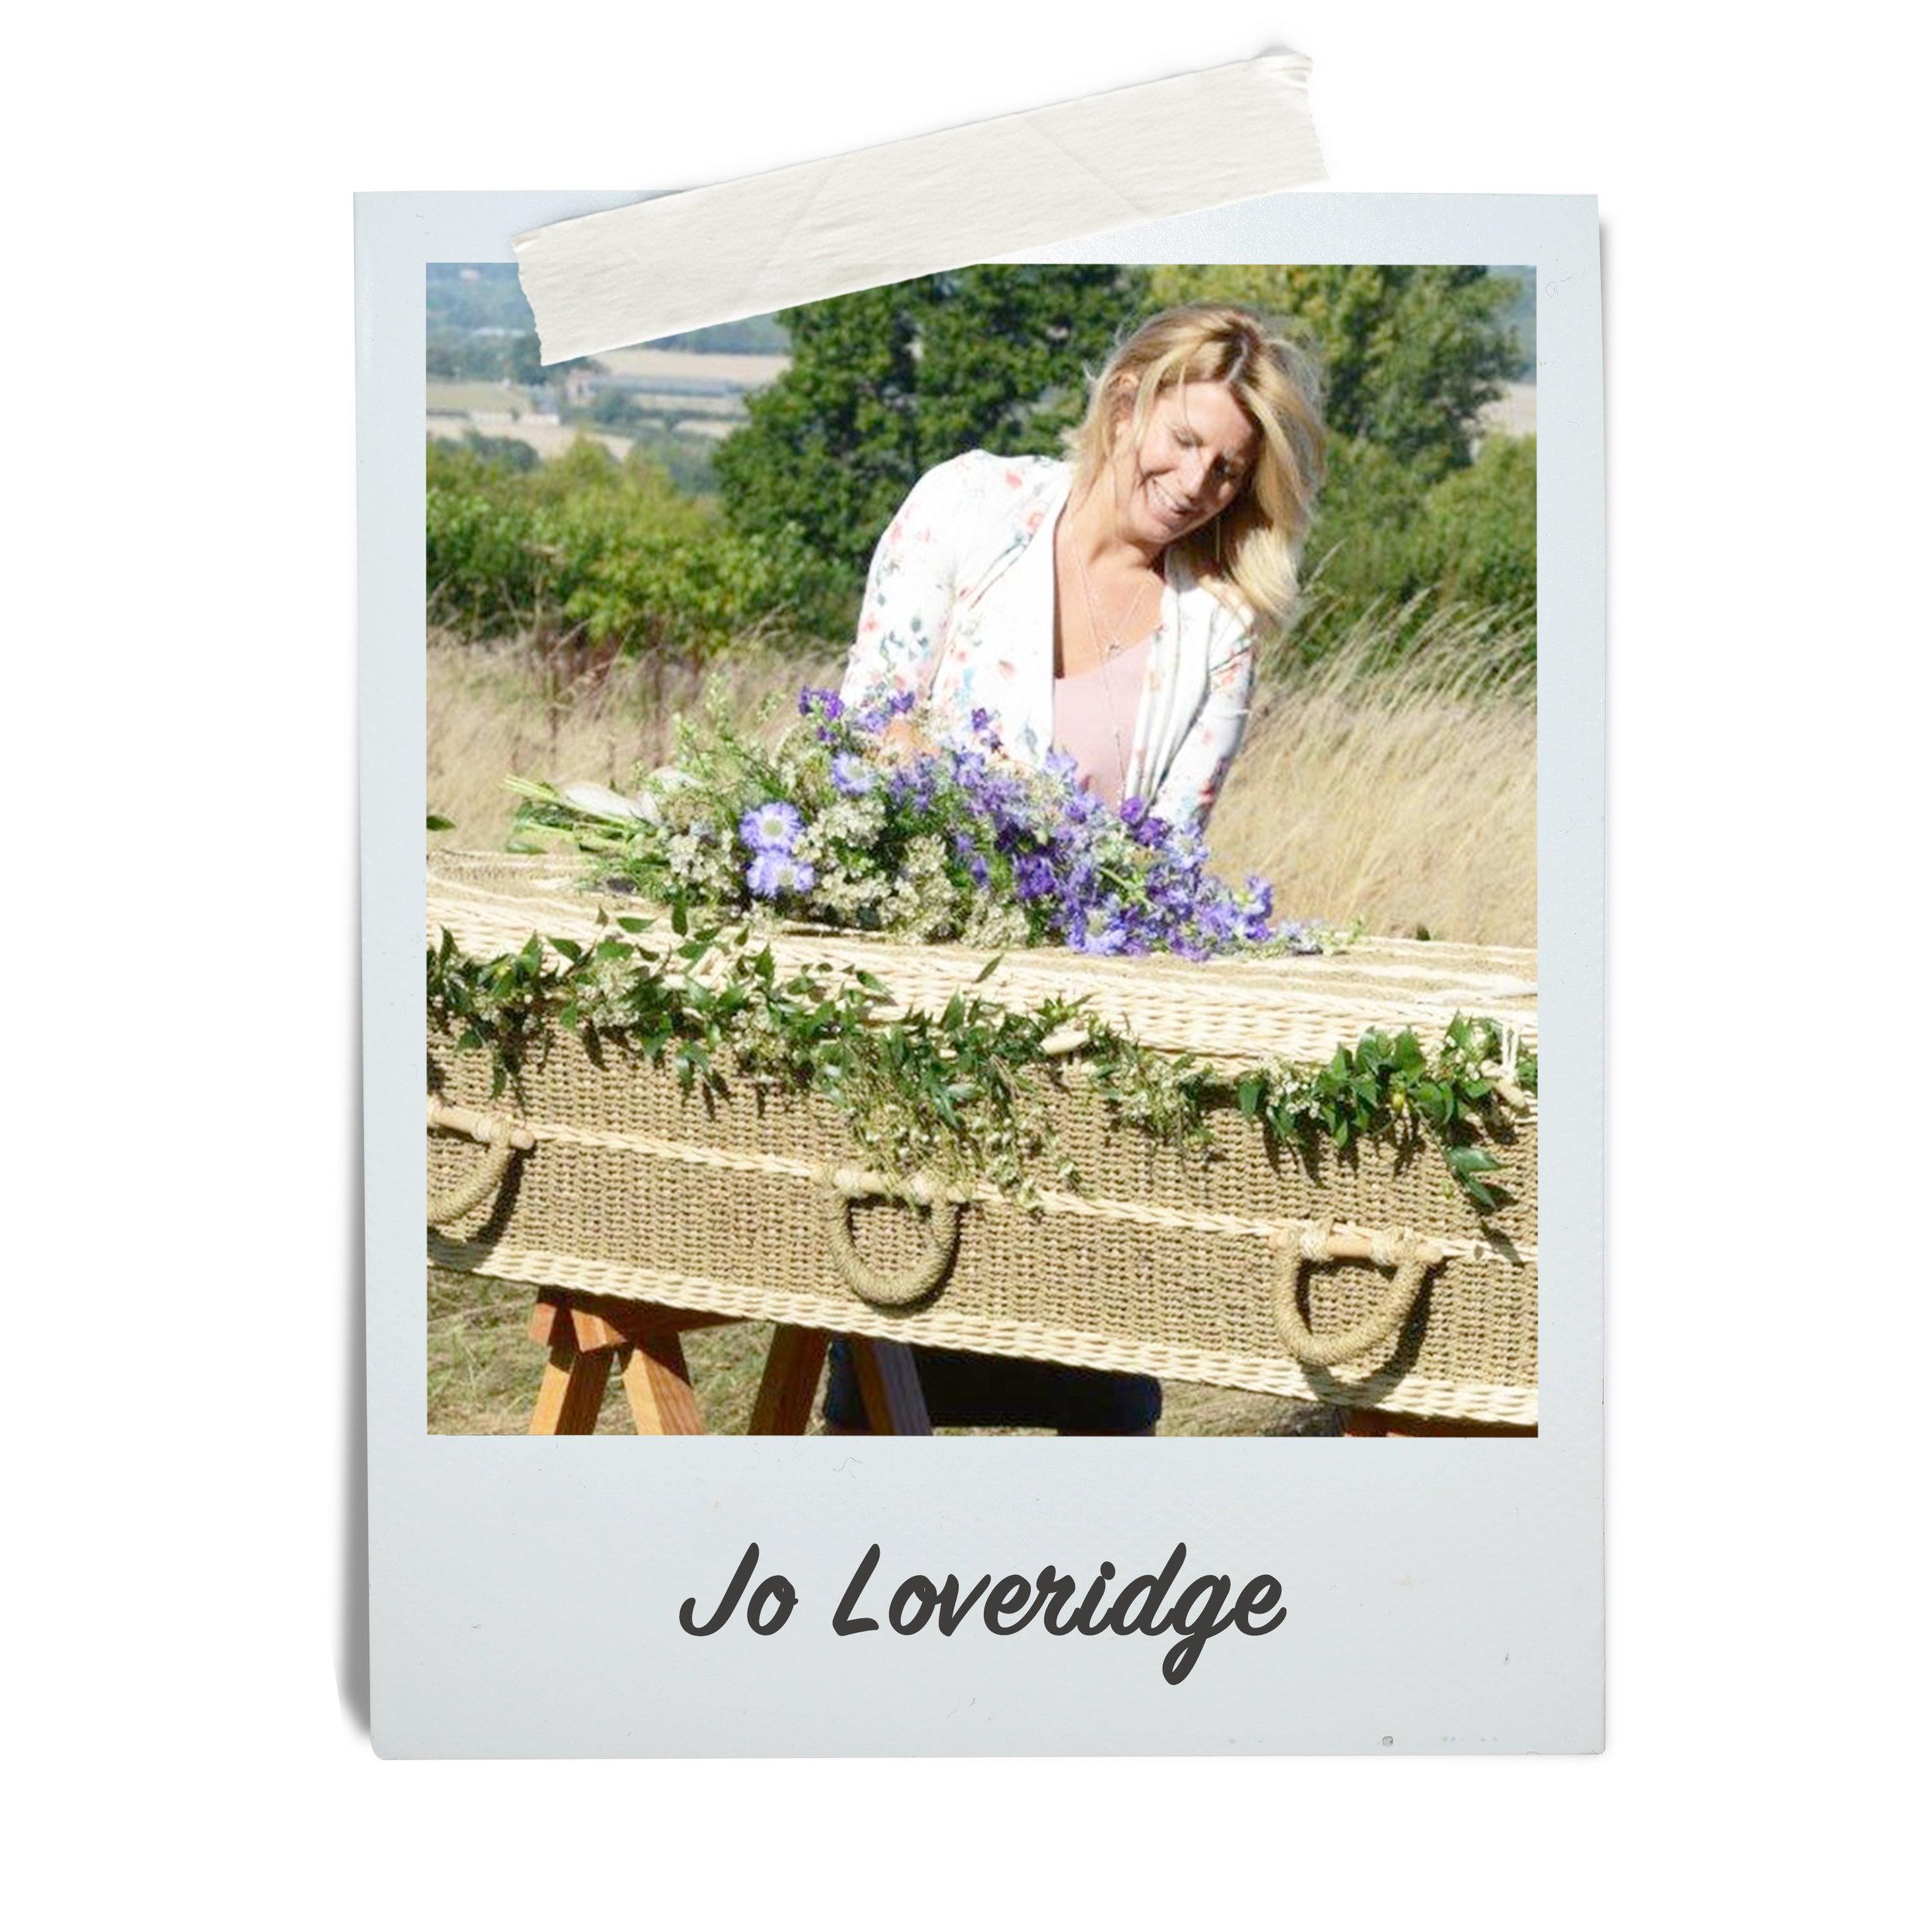 Jo Loveridge